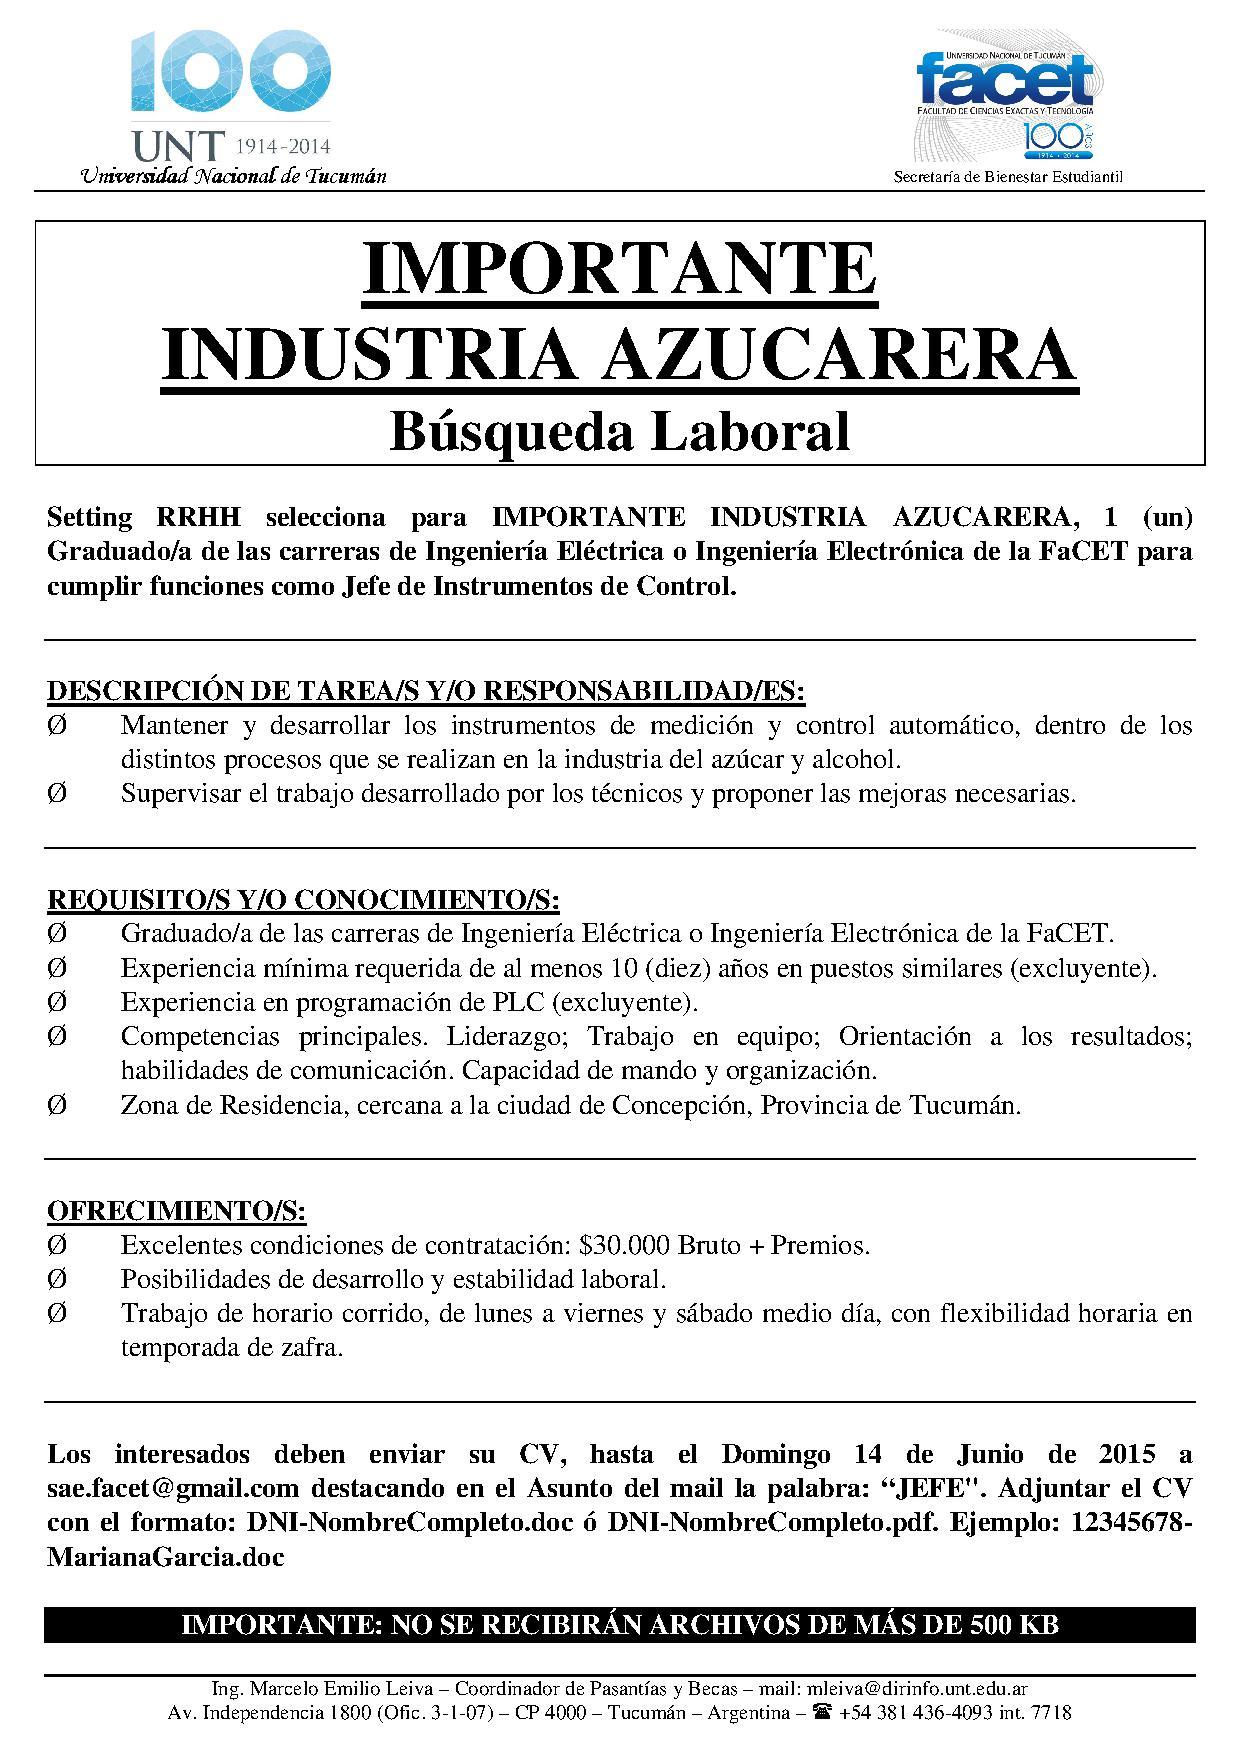 Atractivo Trabajo Reanuda Ejemplos De Habilidades Embellecimiento ...